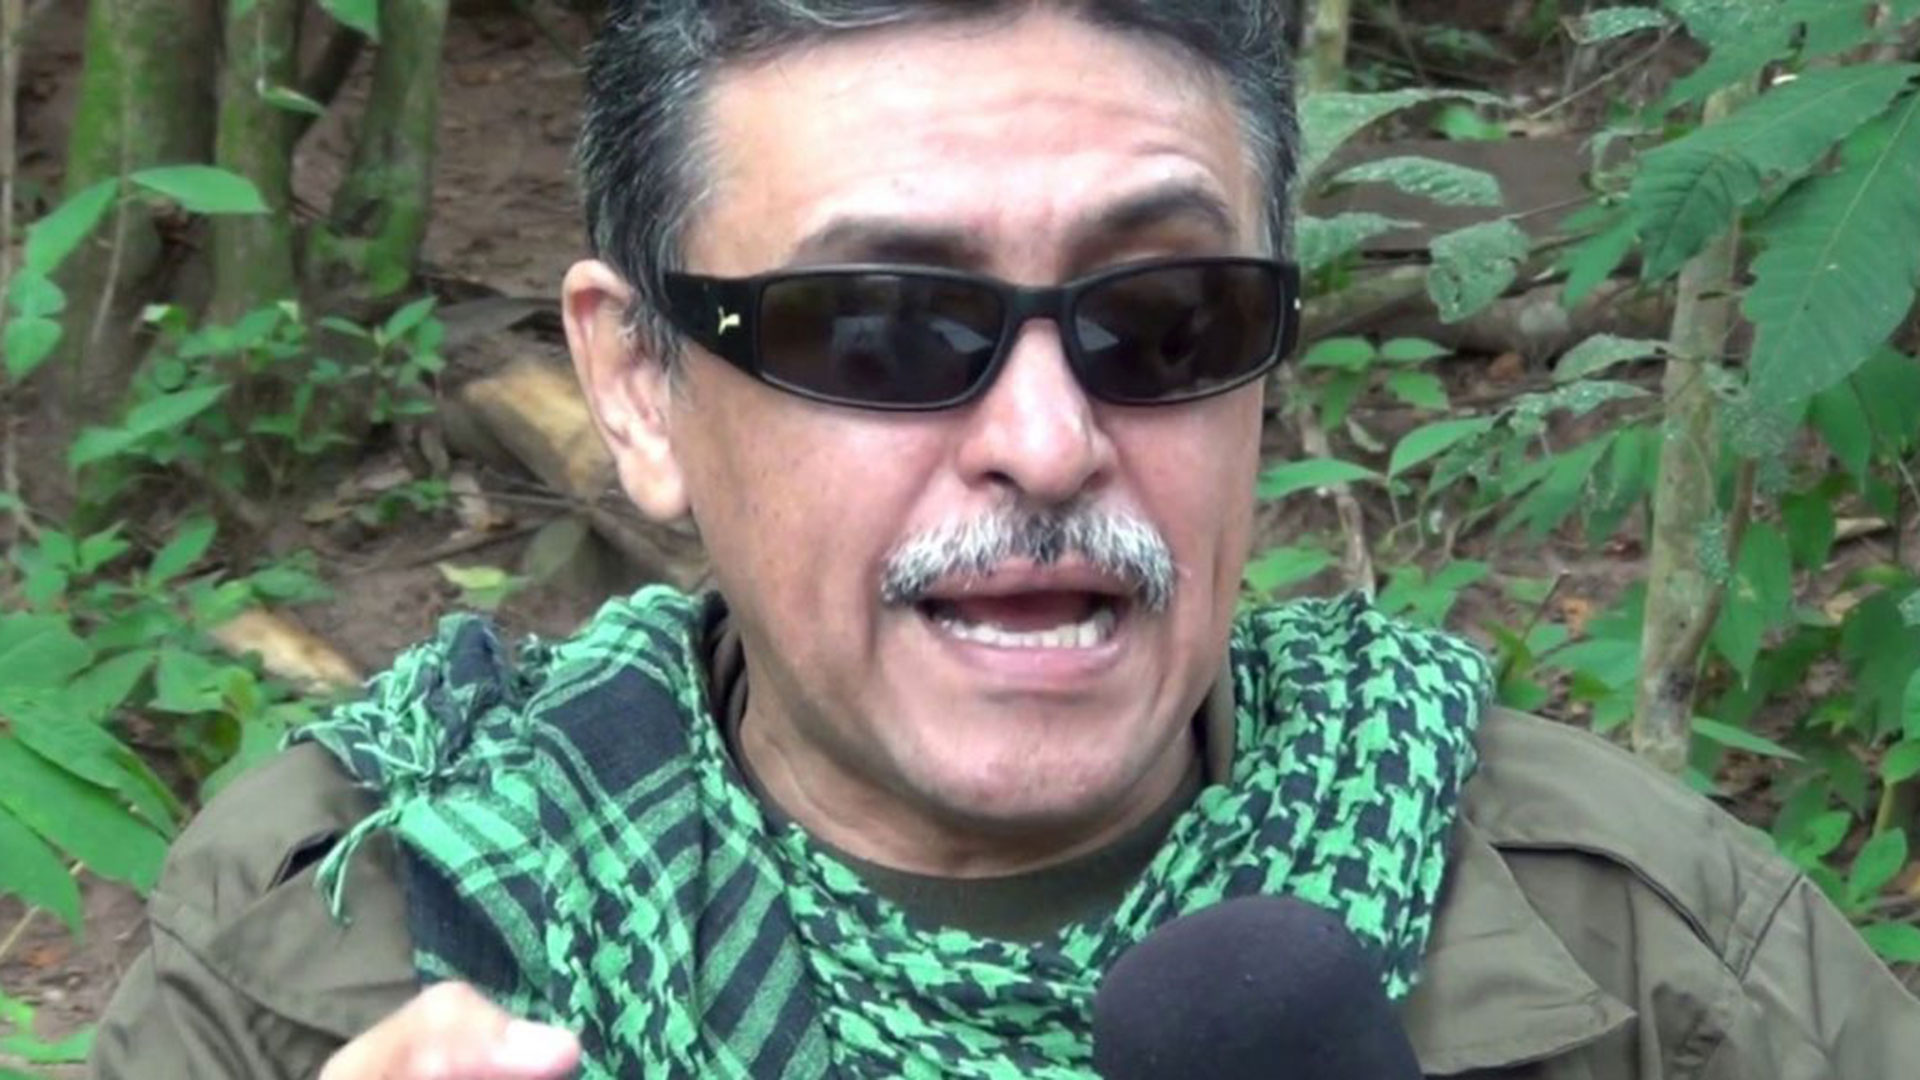 Su formación humanista y teórica lo fueron posicionando al mando del Bloque Caribe de las FARC